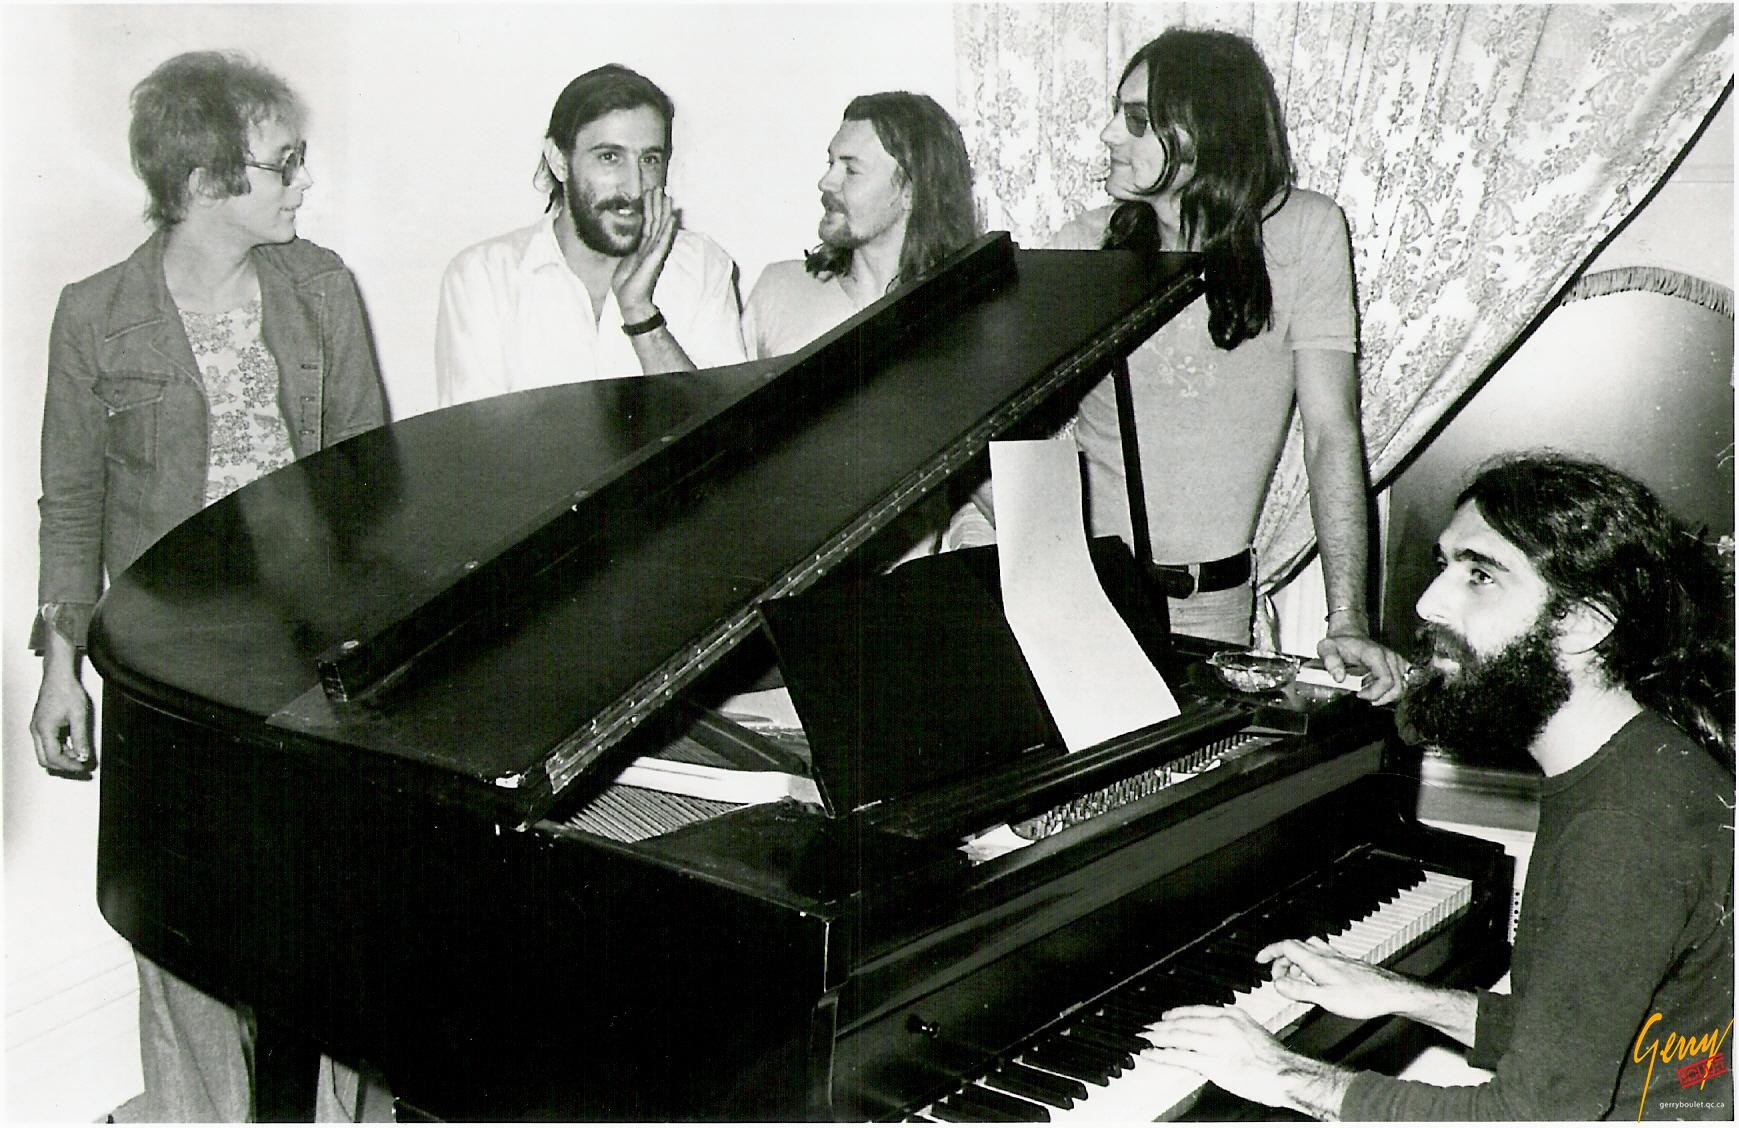 05-offenbach 3 a l'oratoire-novembre 1972